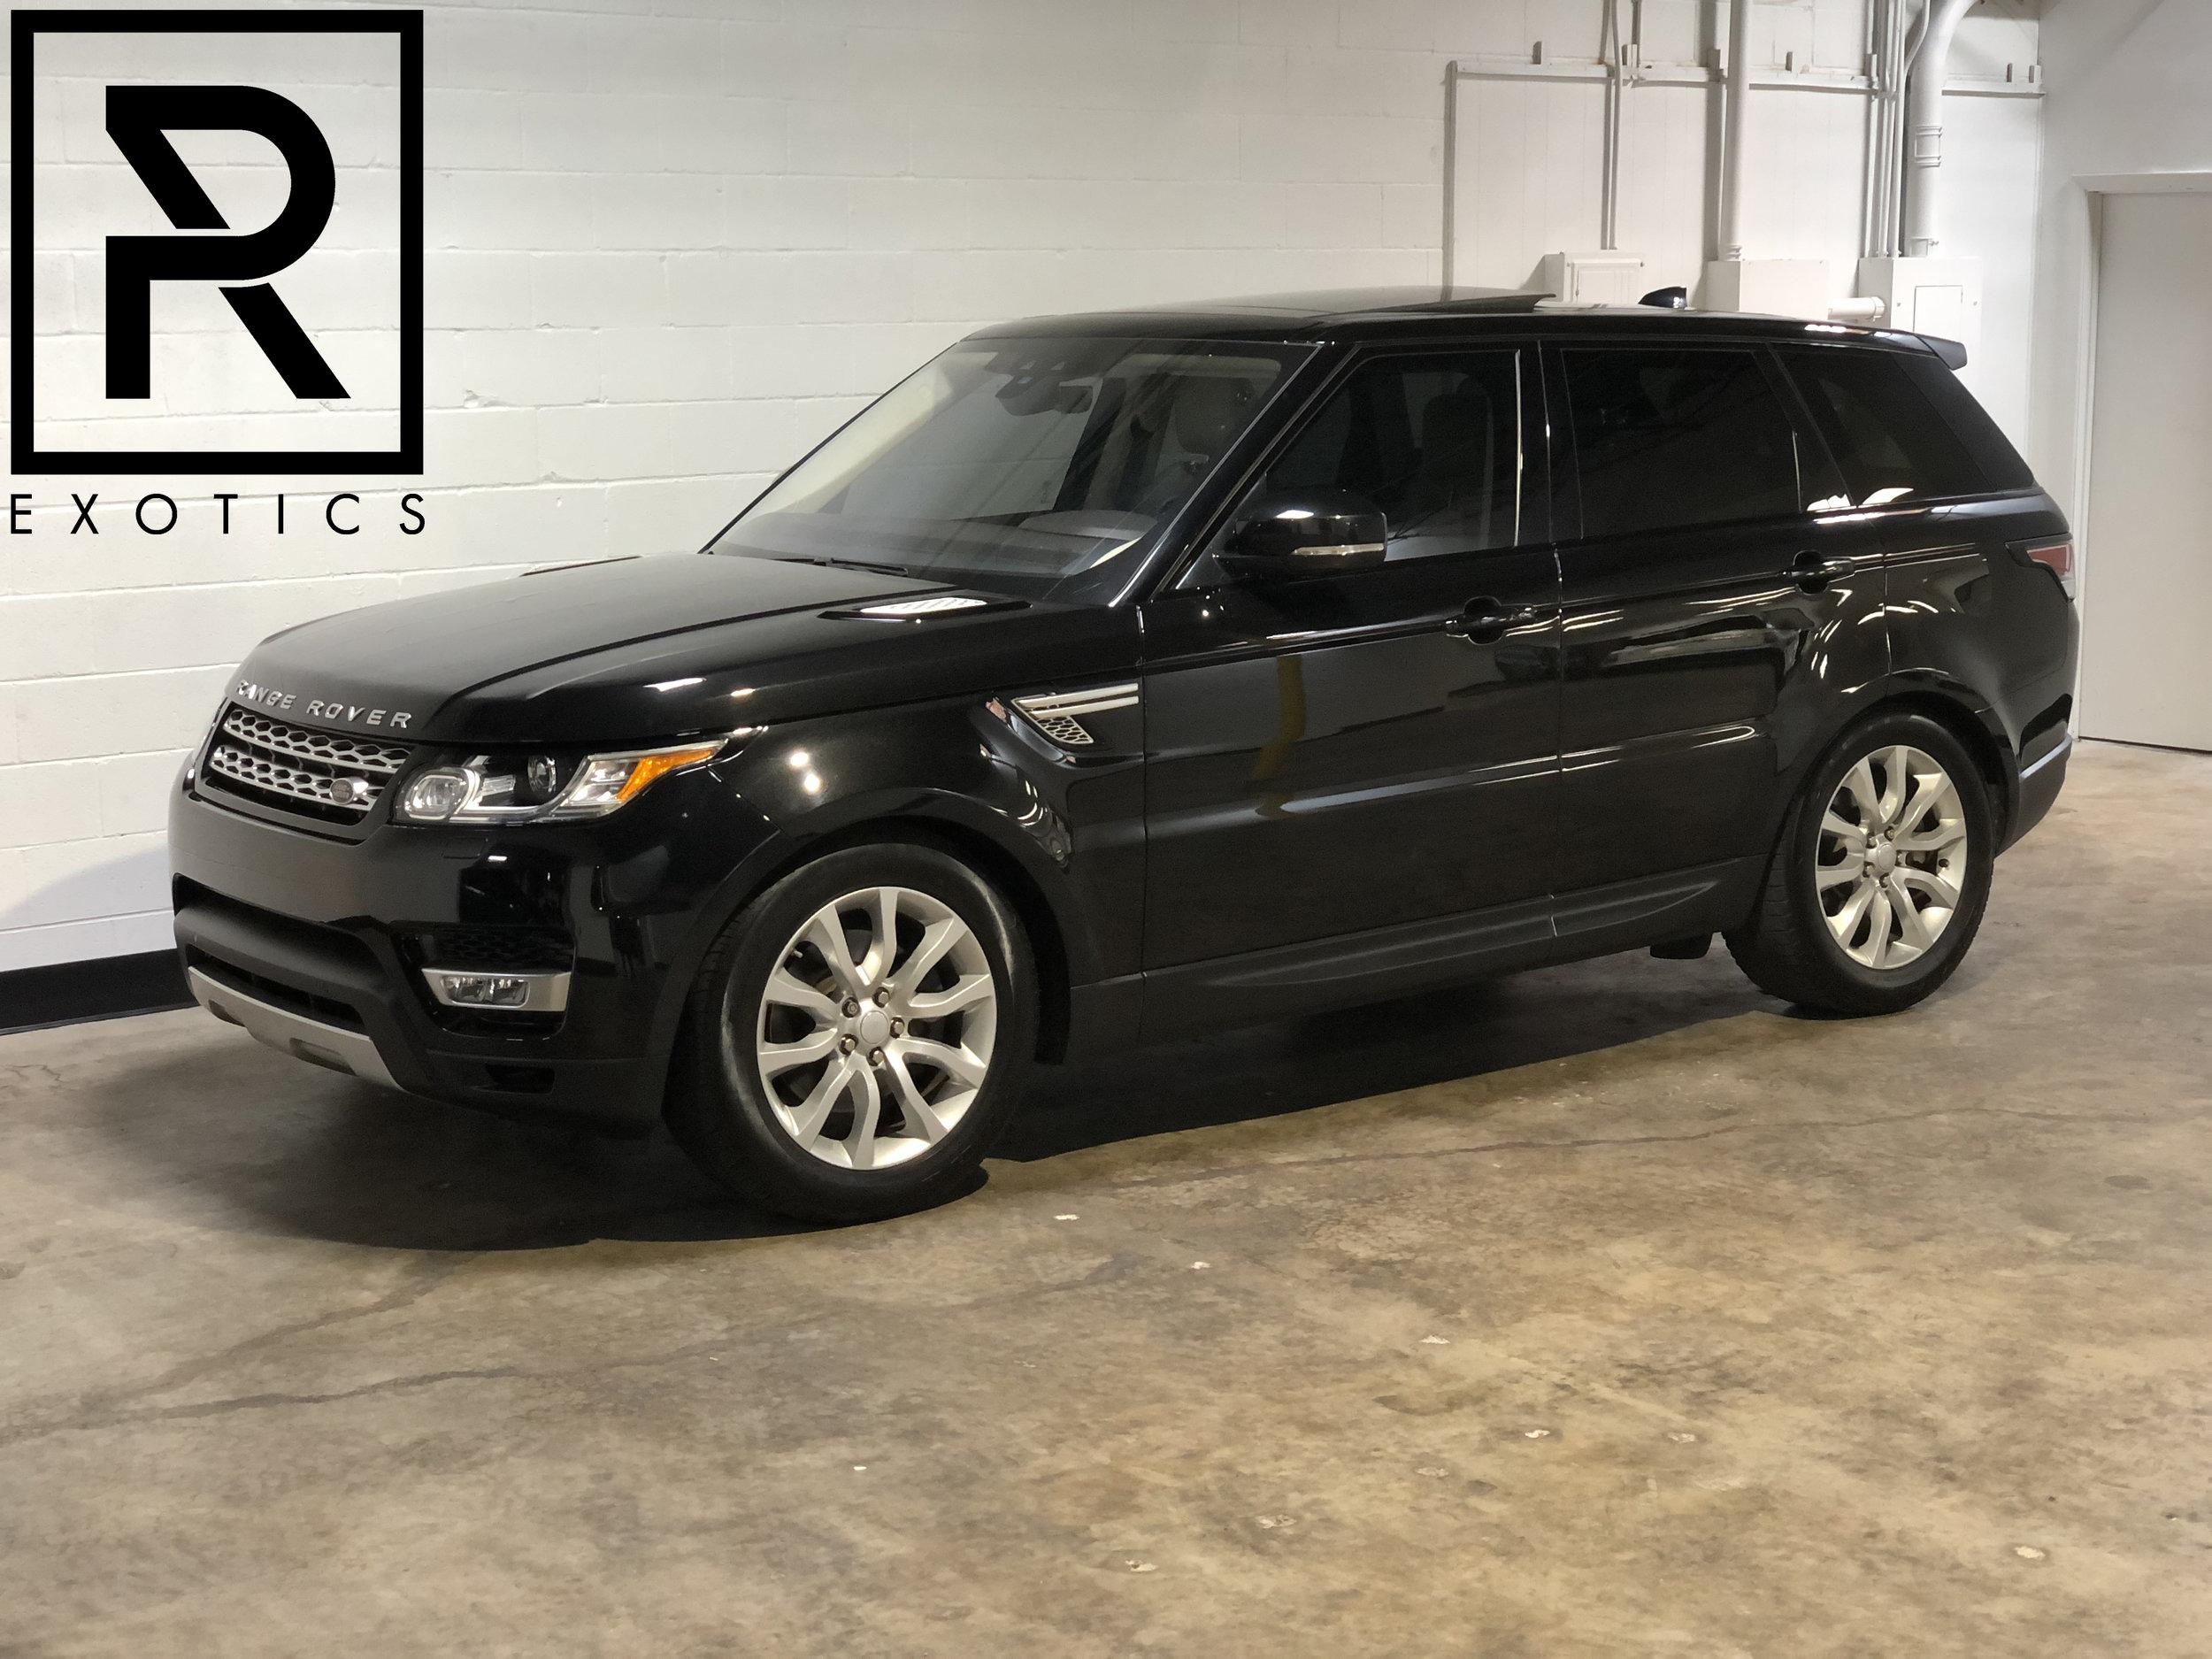 2017 Range Rover TDSL Thumbnail.jpg